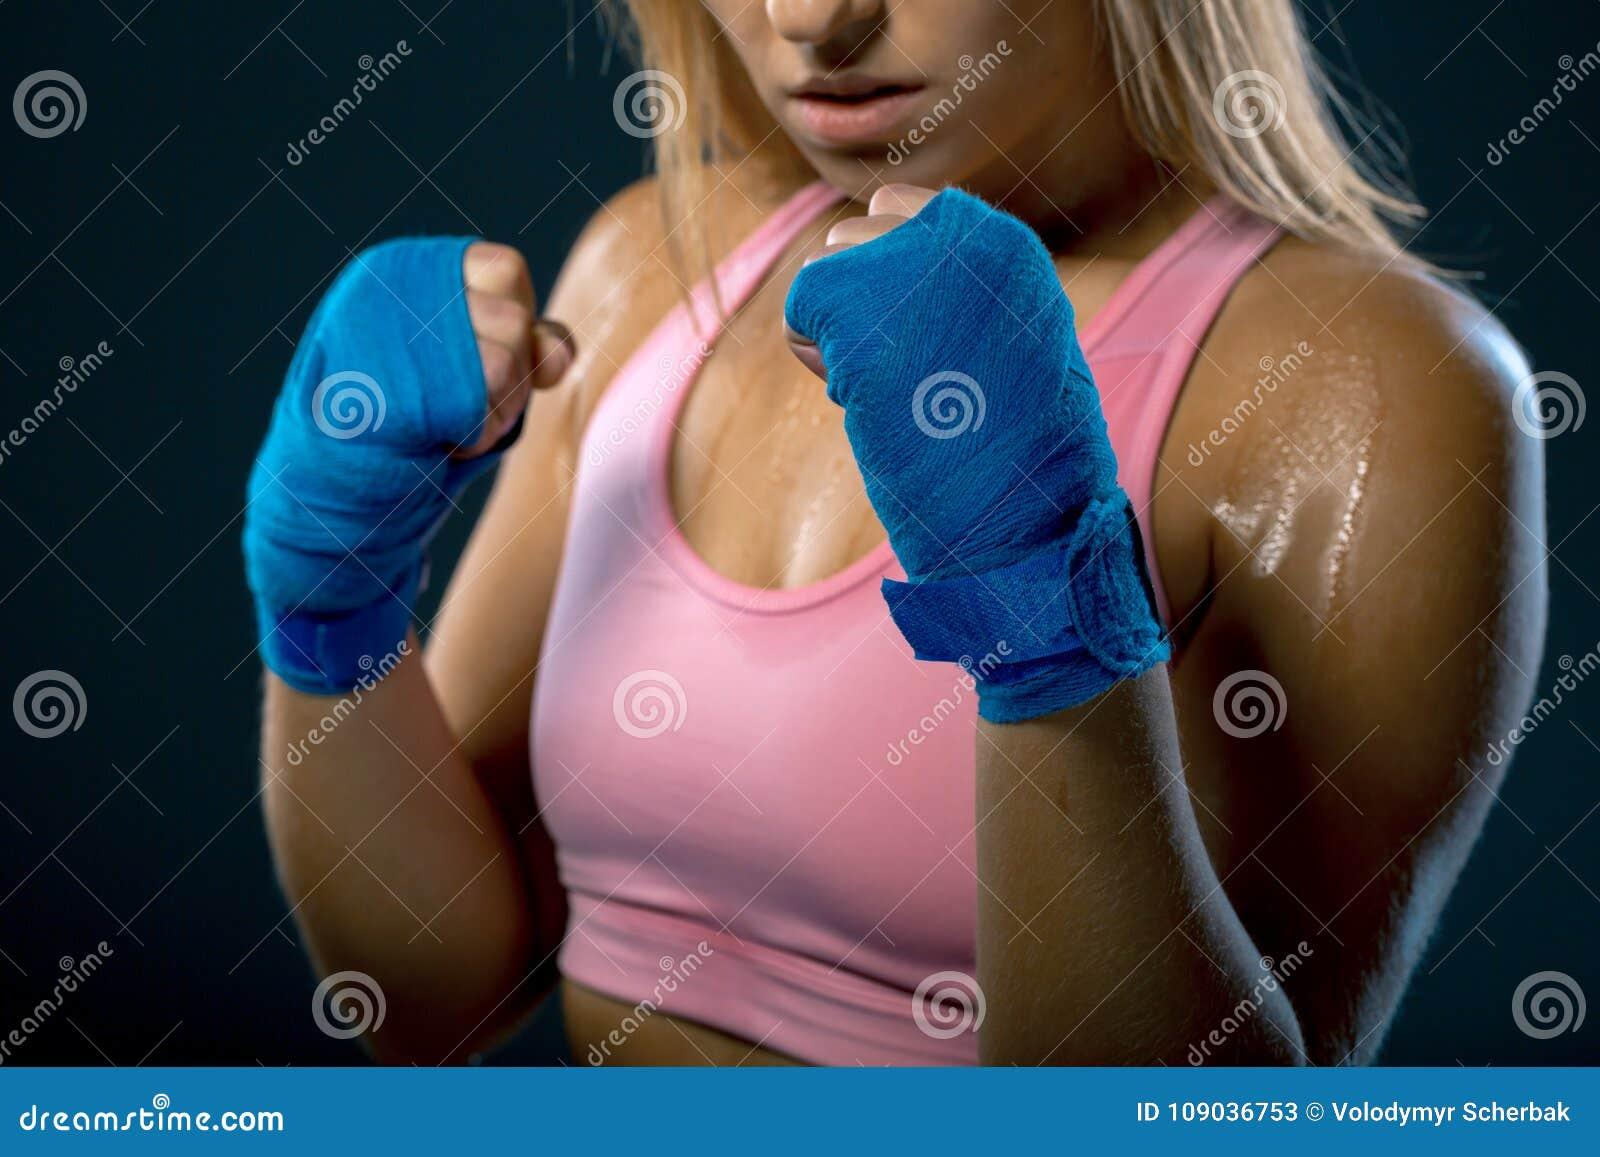 кладя в коробку счастливая женщина усмешки Боец молодой женщины готовый для боя сильная женщина Женские руки обернутые в повязке